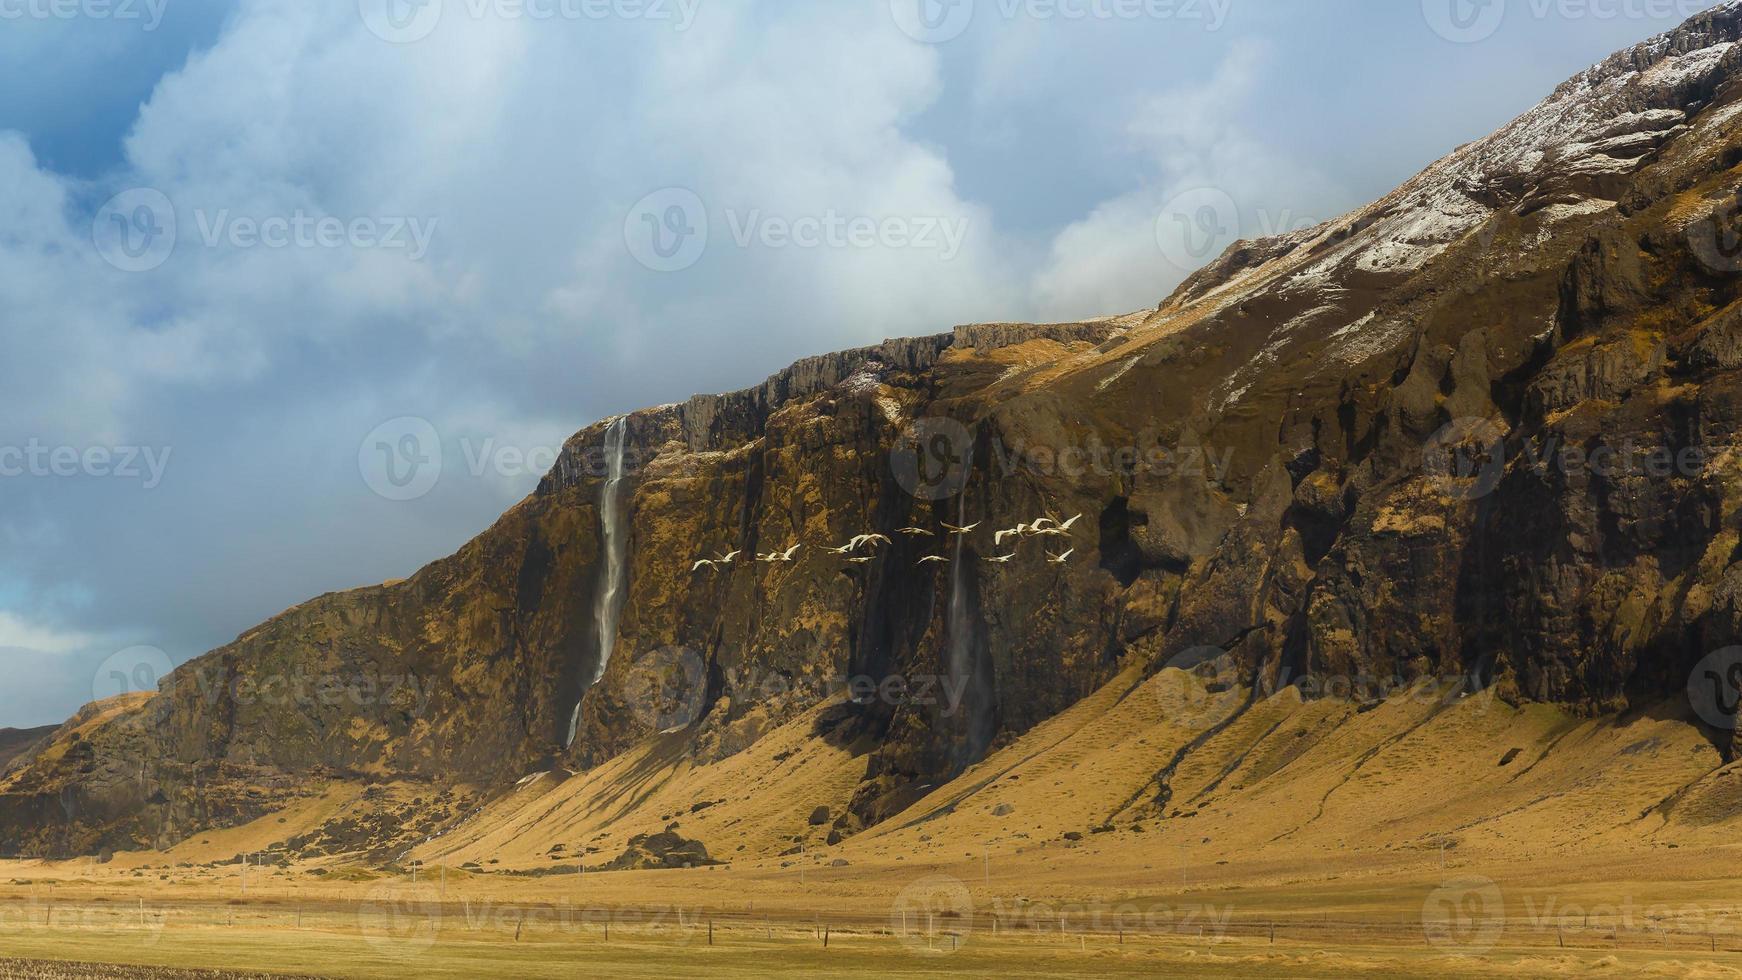 prachtig landschap van IJslandse berg met kleine waterval foto